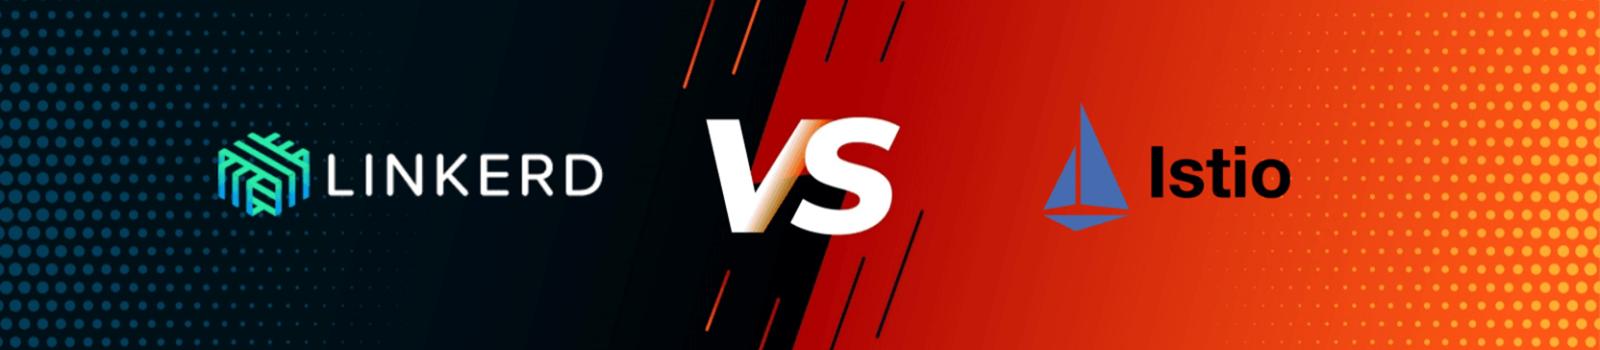 Service Mesh Comparison: Istio vs Linkerd